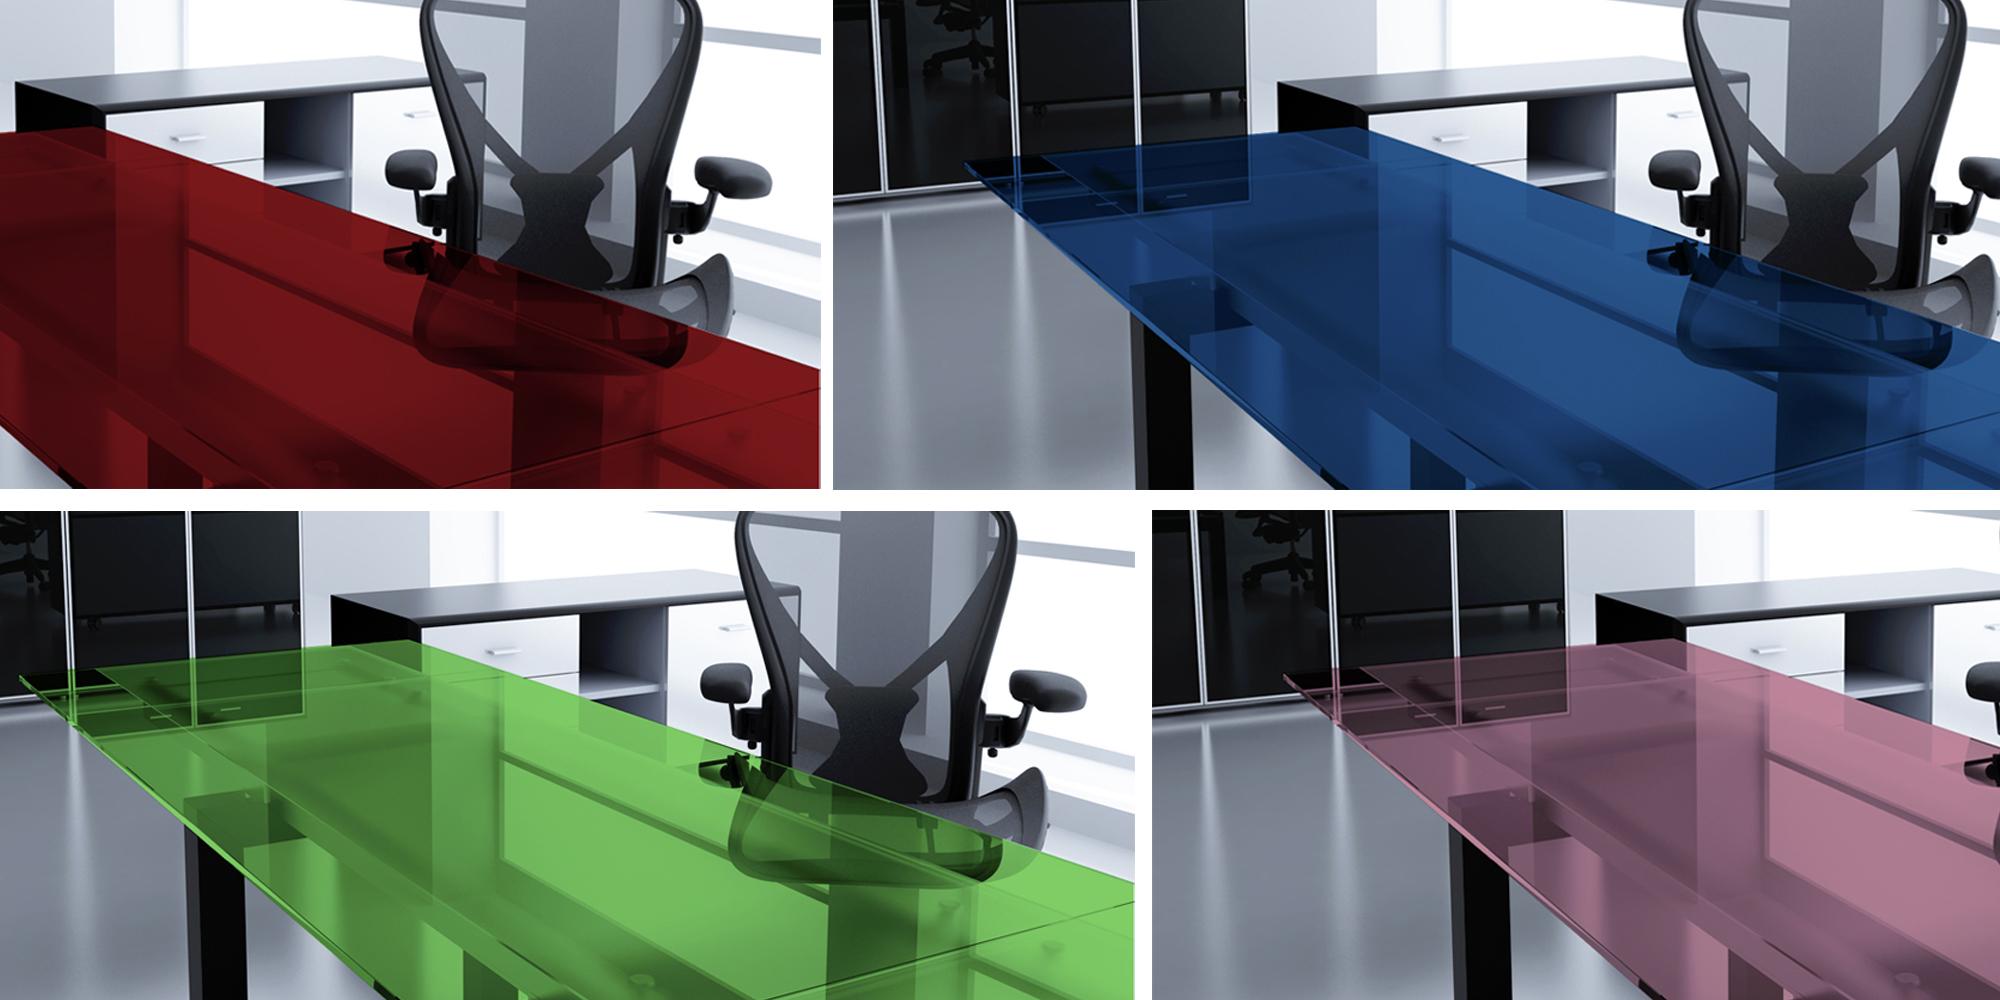 montage-bureaux-teintes